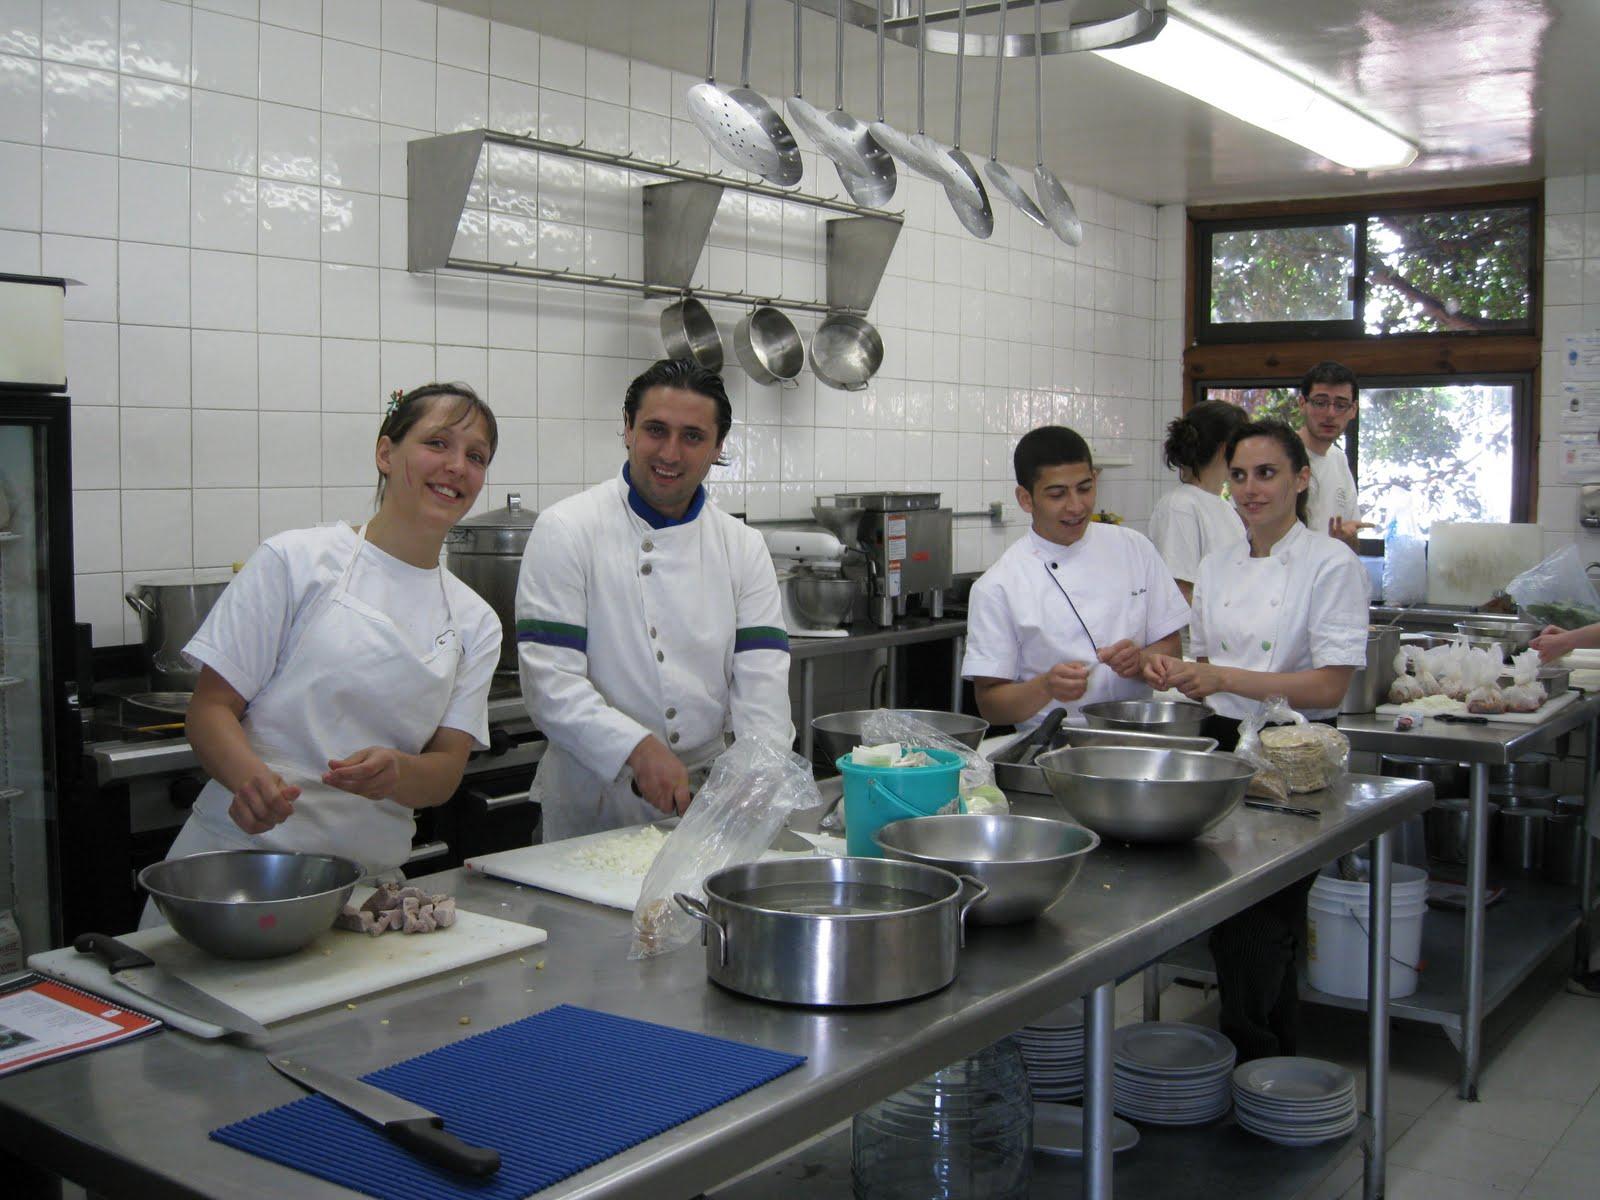 ebp mexique 2010 cours de cuisine mexicaine boulangerie